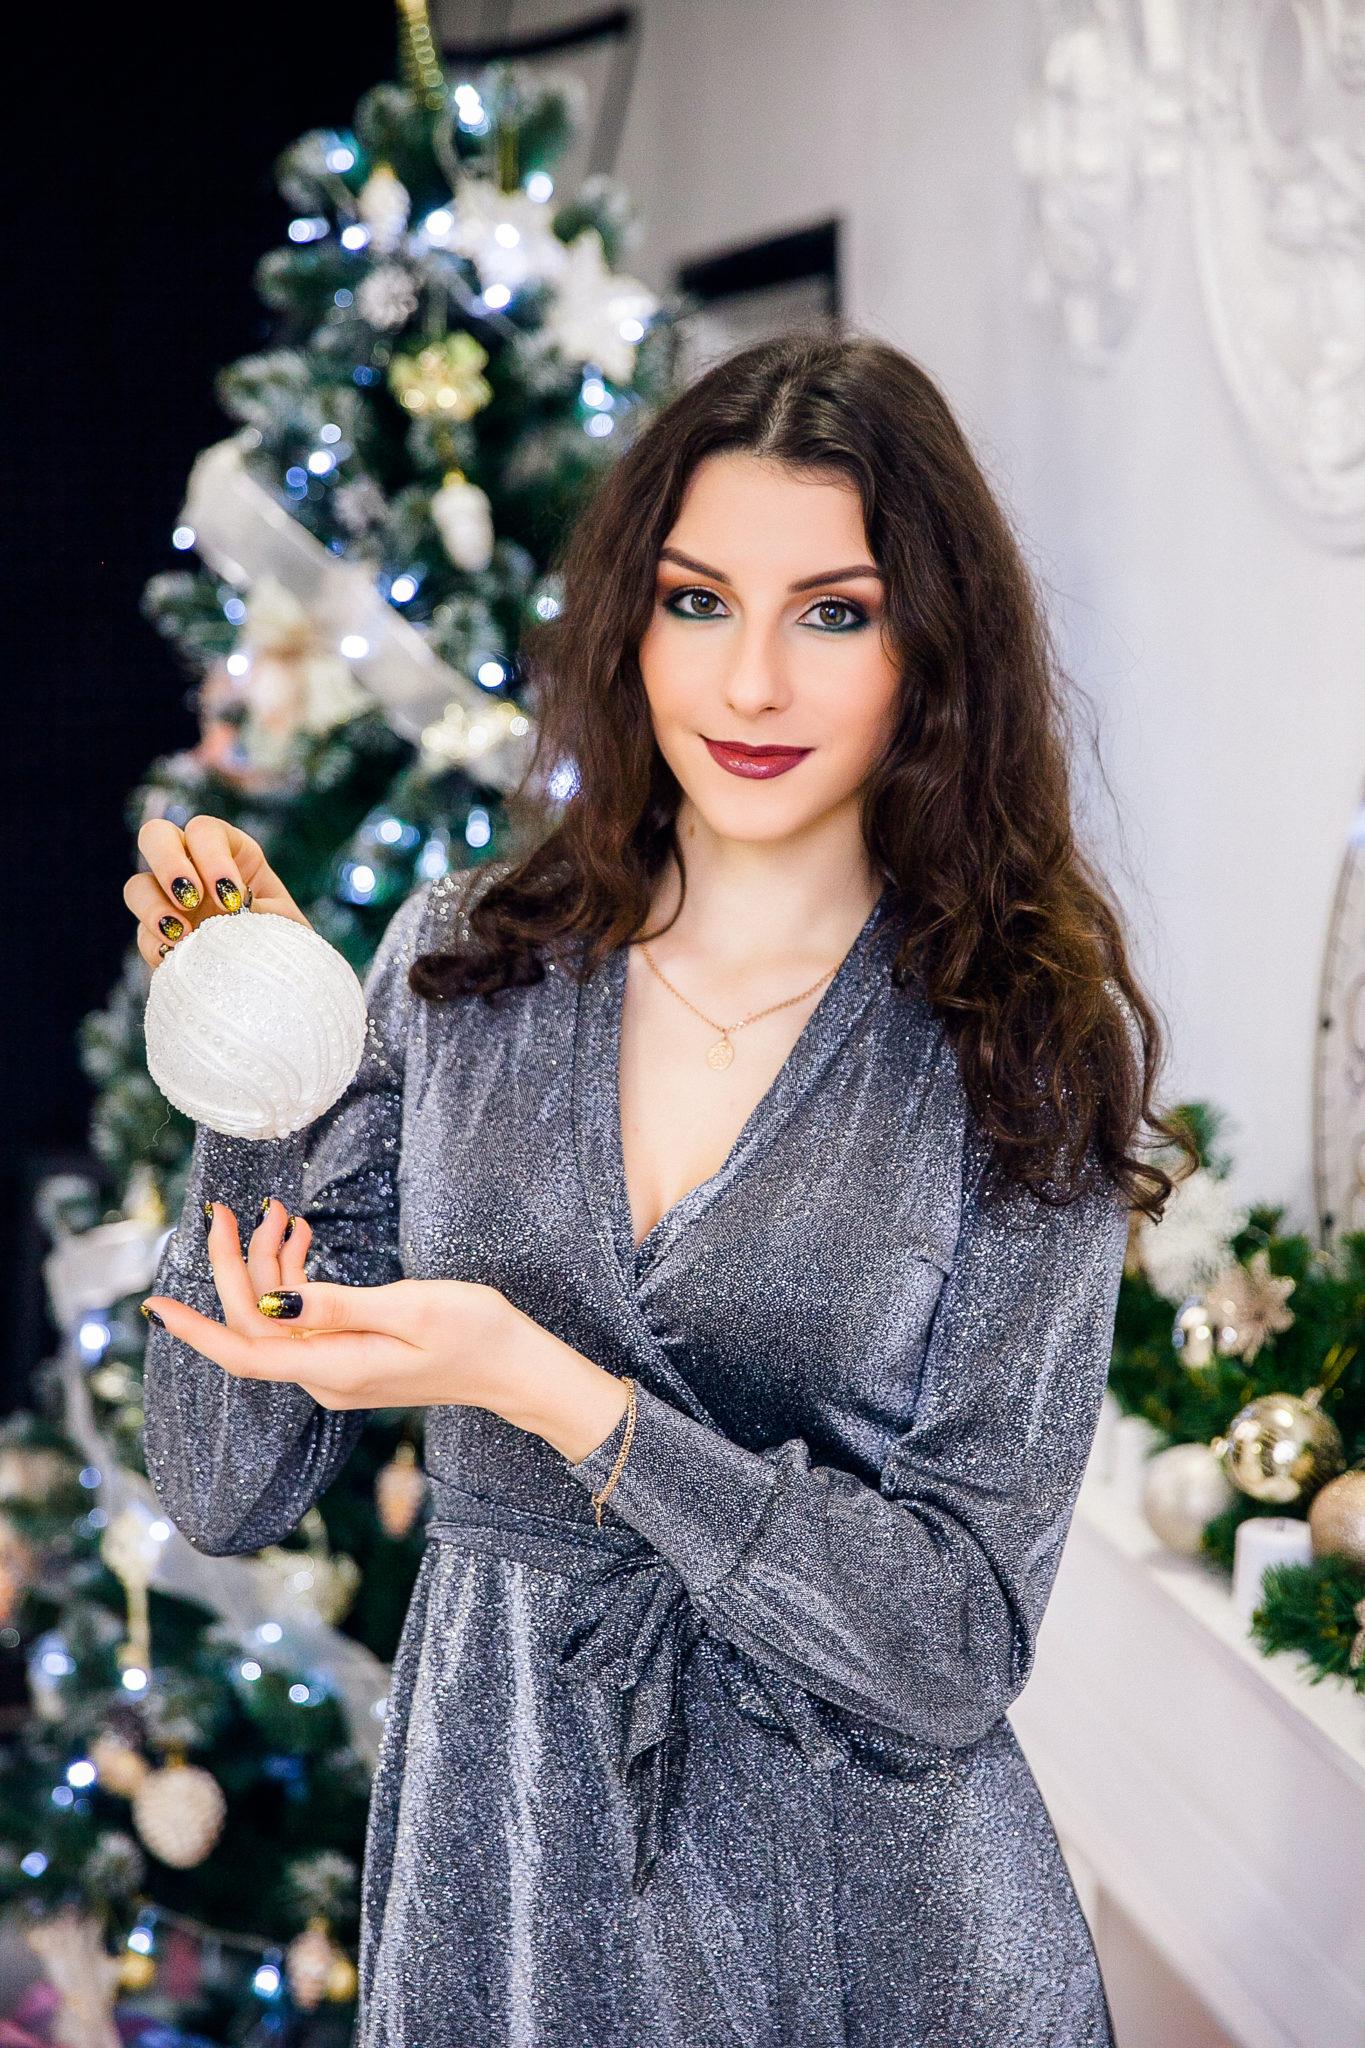 Новогодняя фотосессия, девушка в серебристом платье с елочным украшением в руках на фоне елки